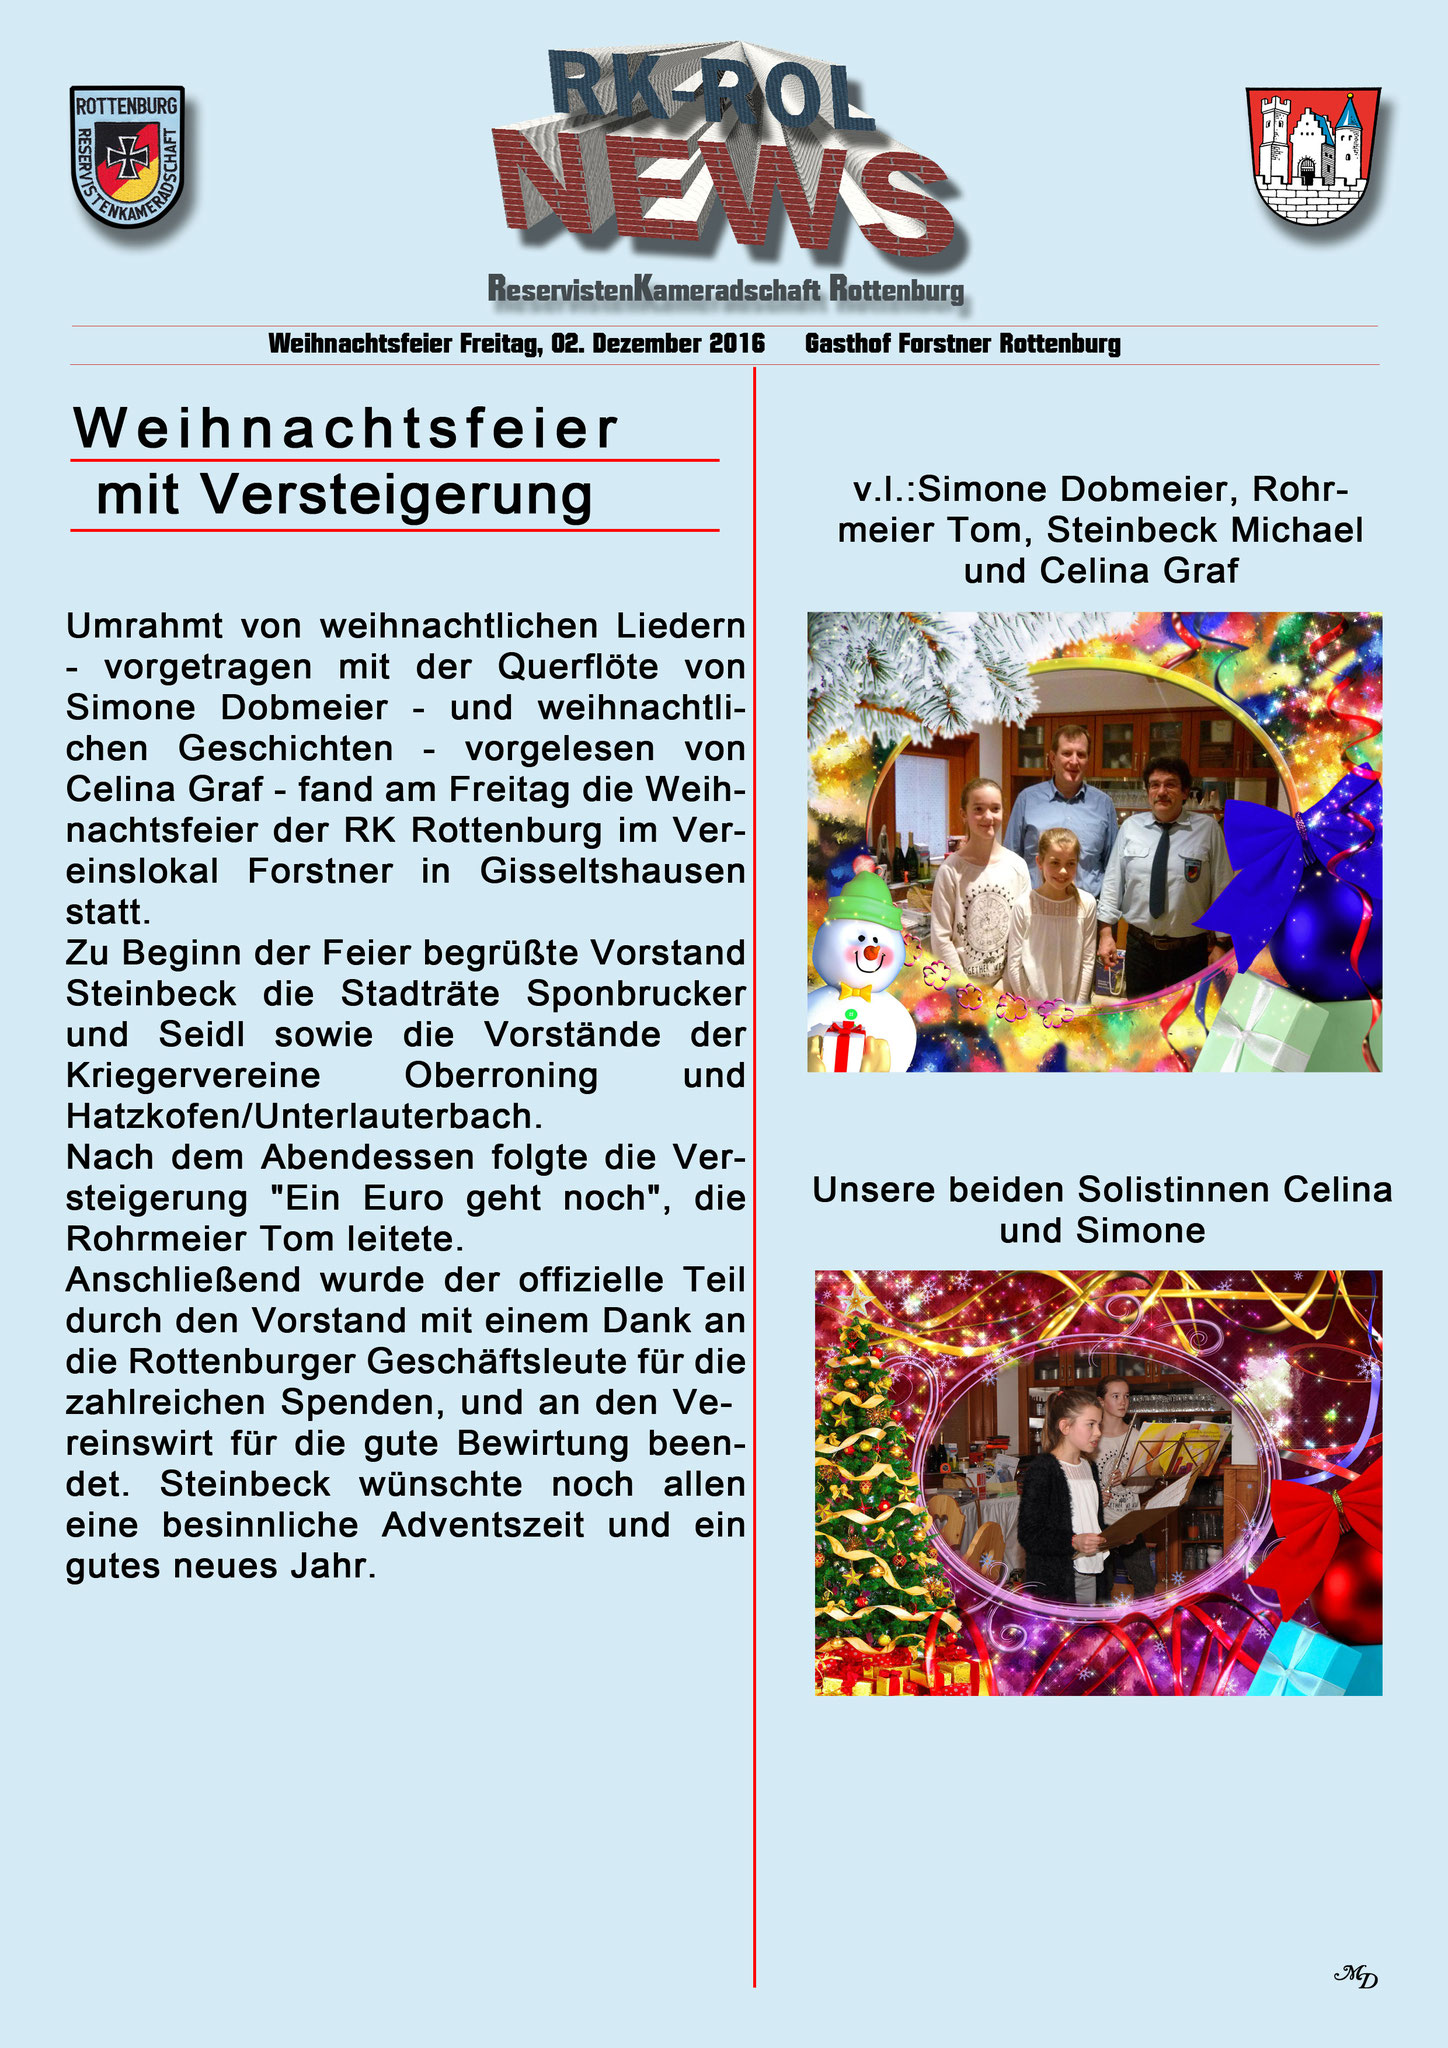 Bericht Weihnachtsfeier 02.12.2016...